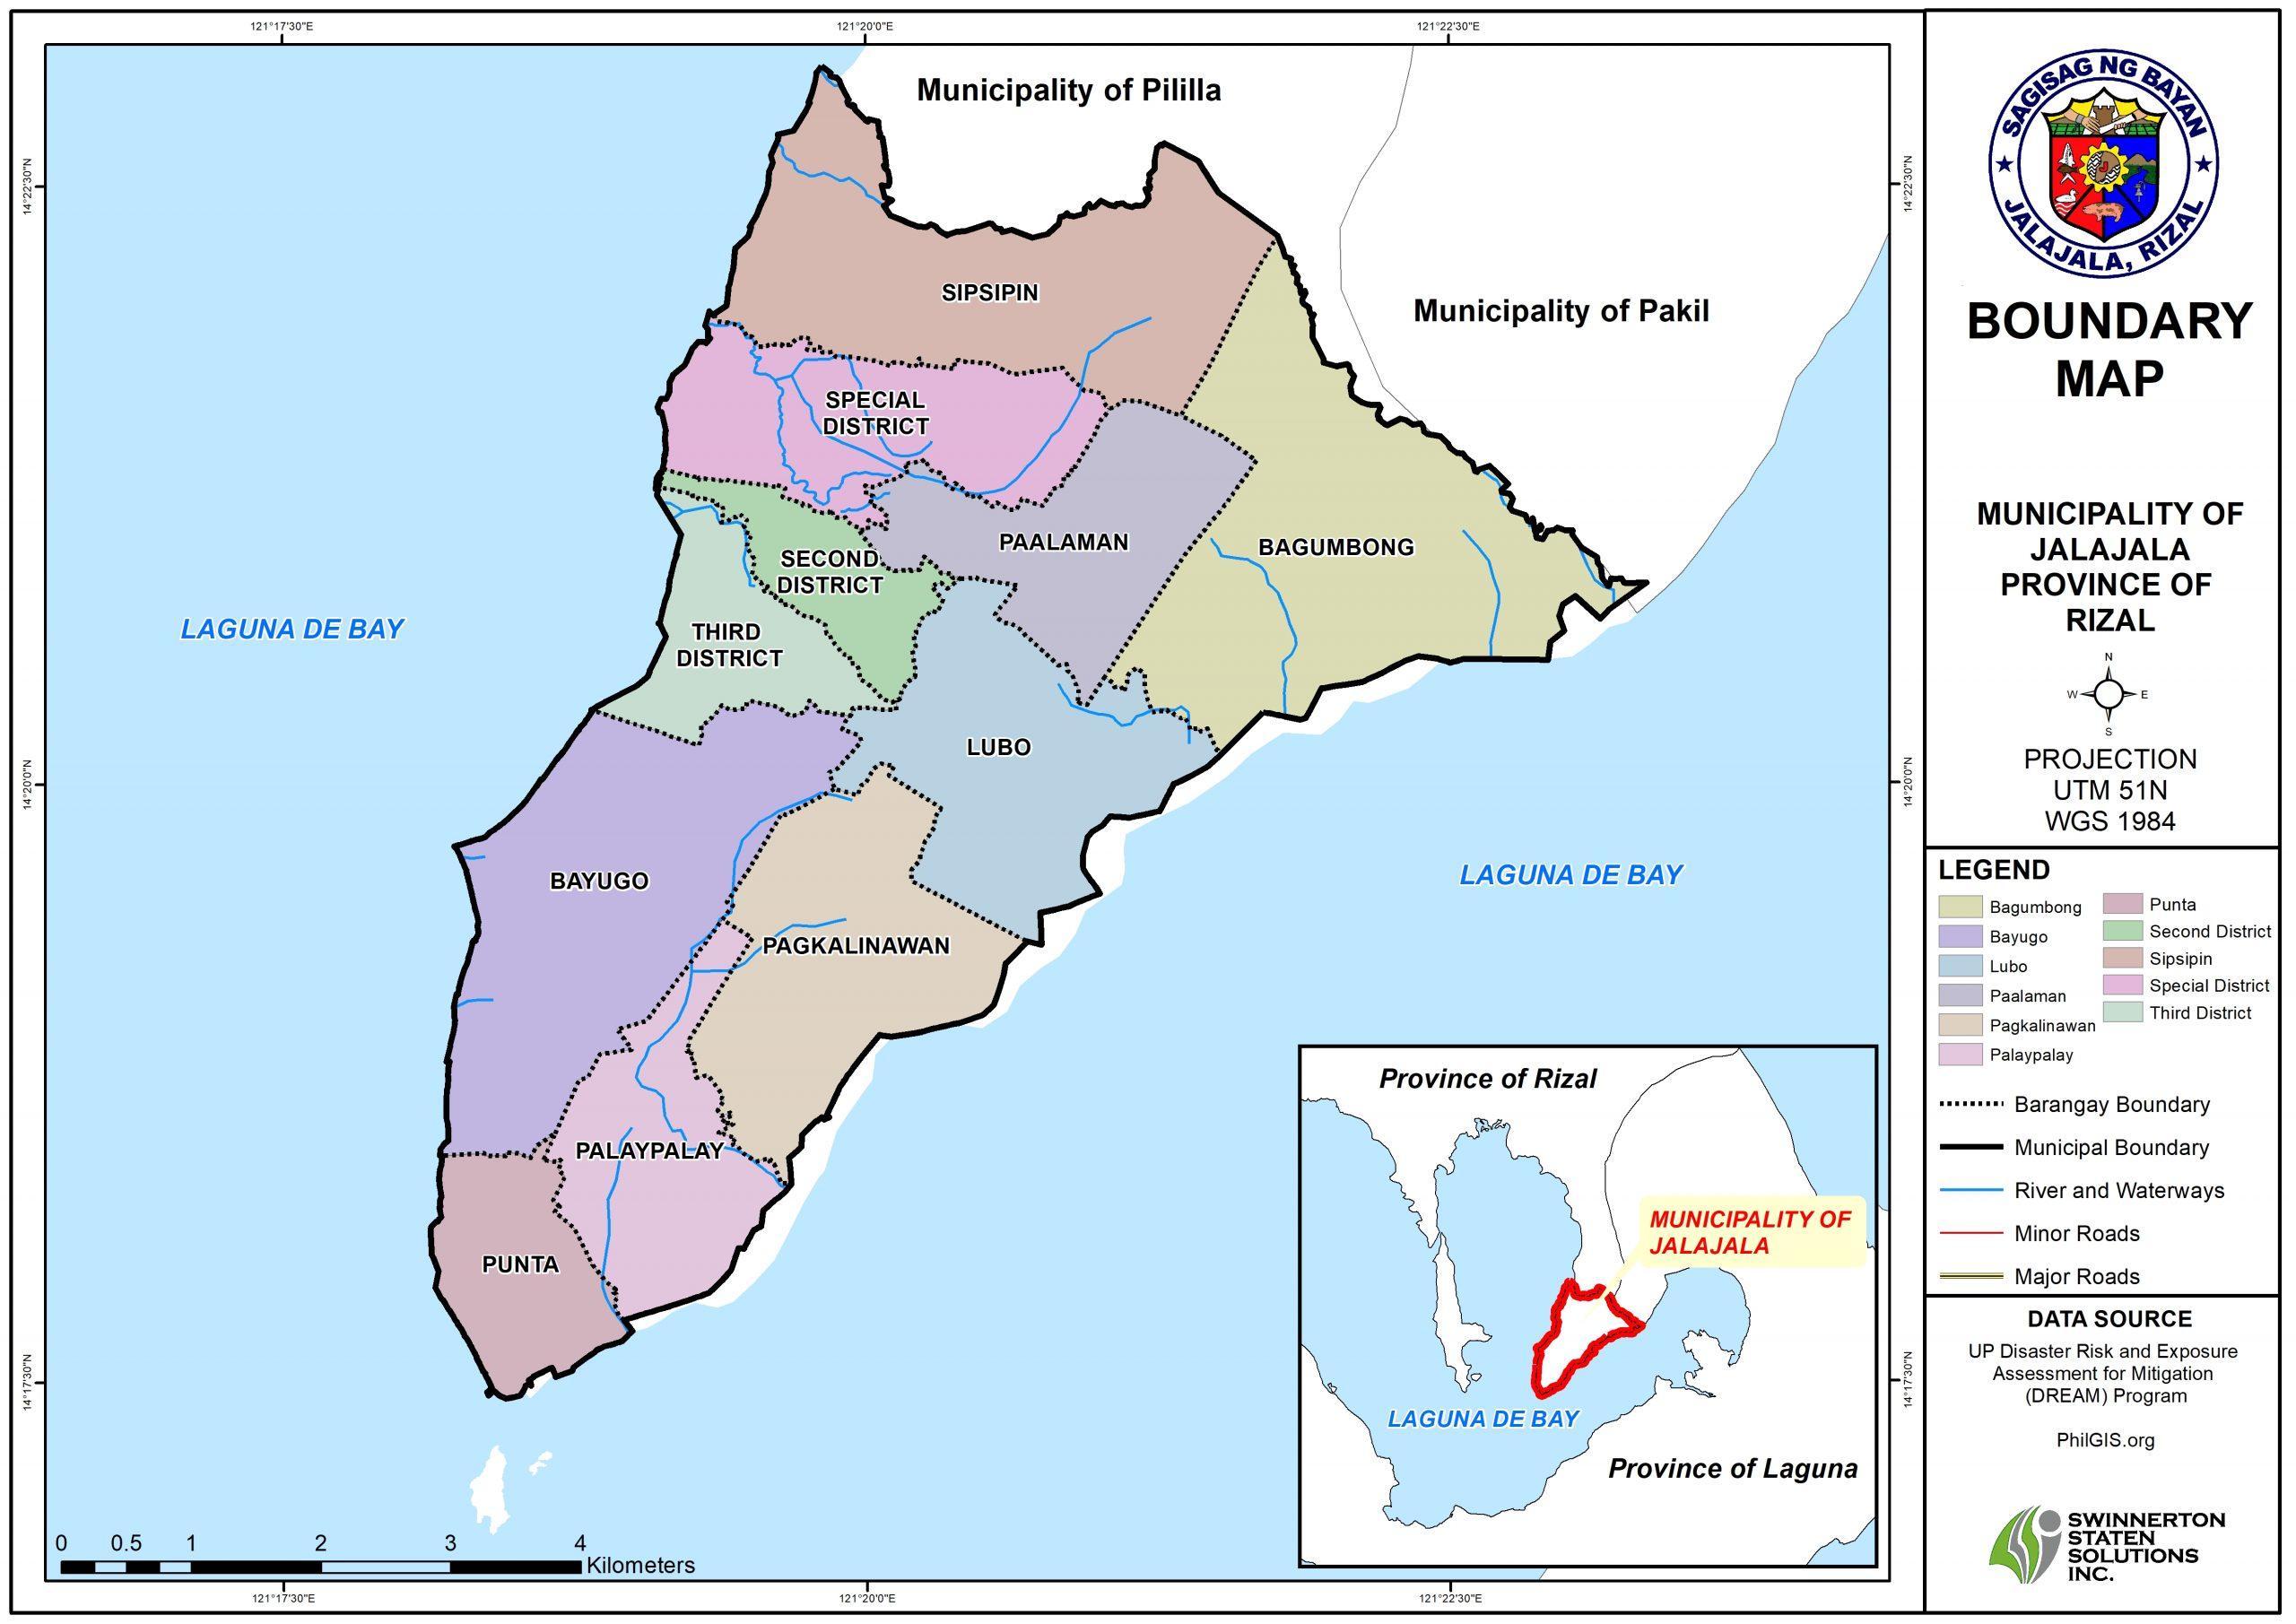 BARANGAY BOUNDARY MAP